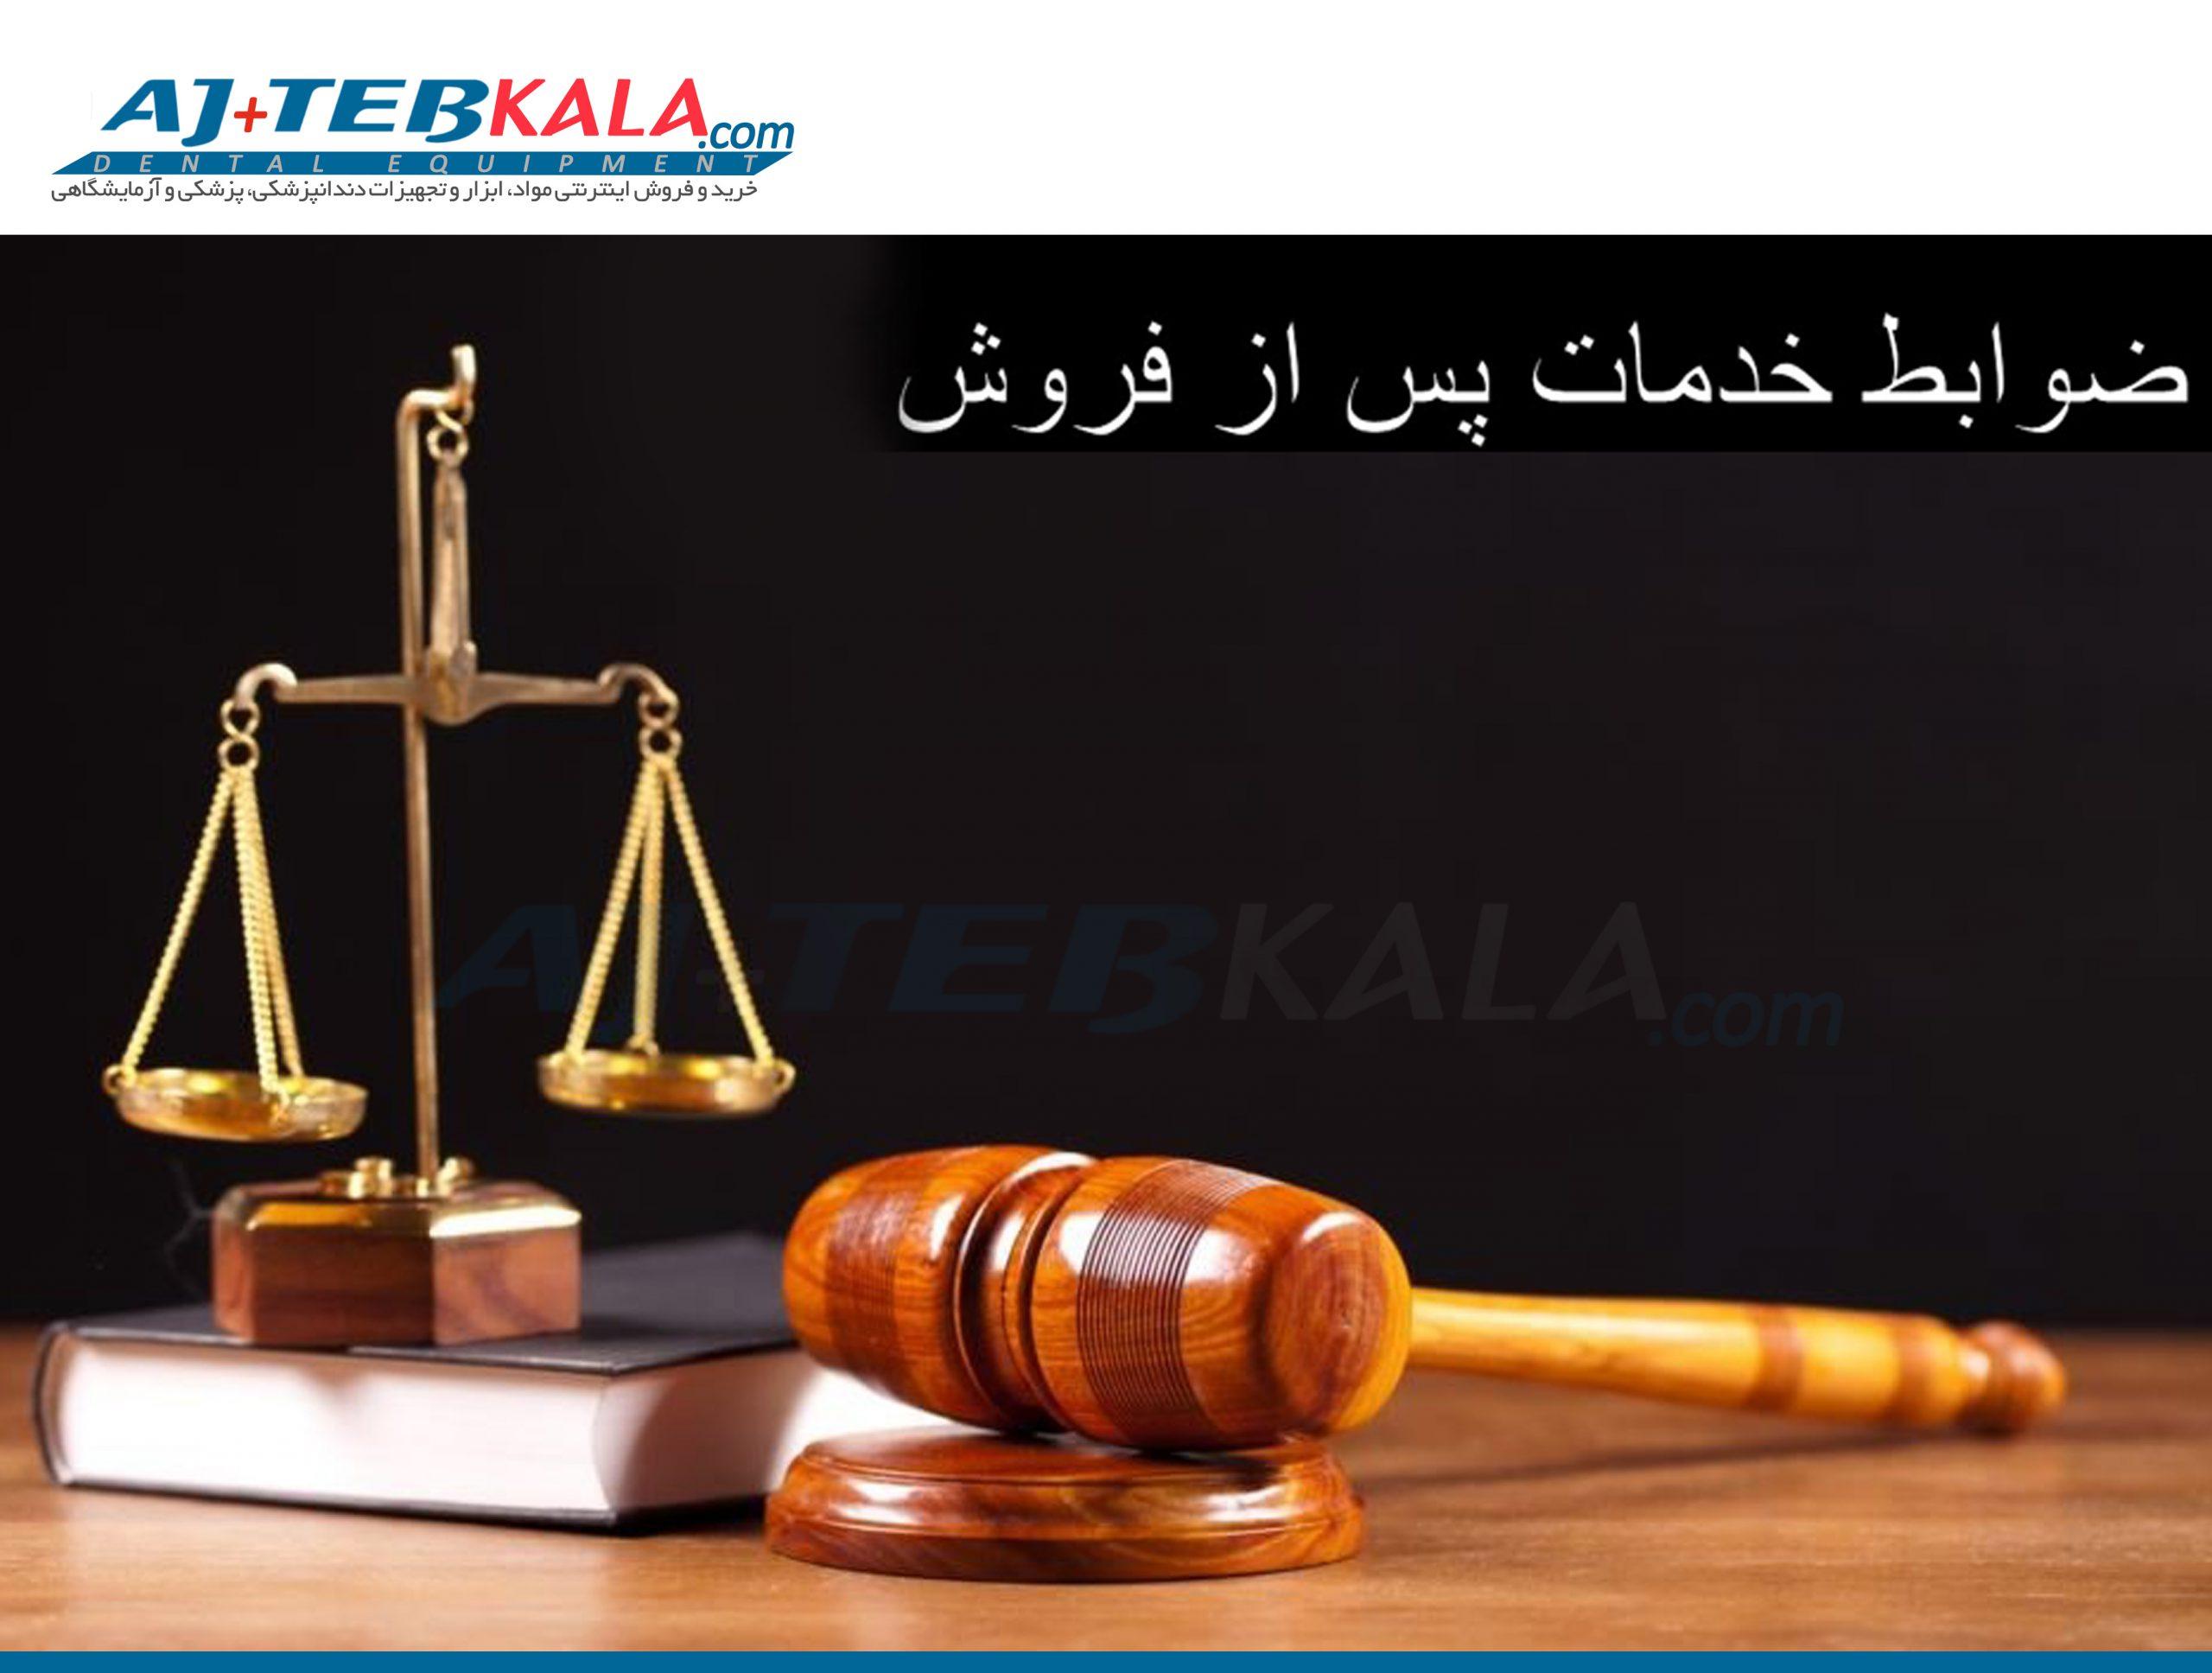 قوانین مربوط به تجهیزات پزشکی